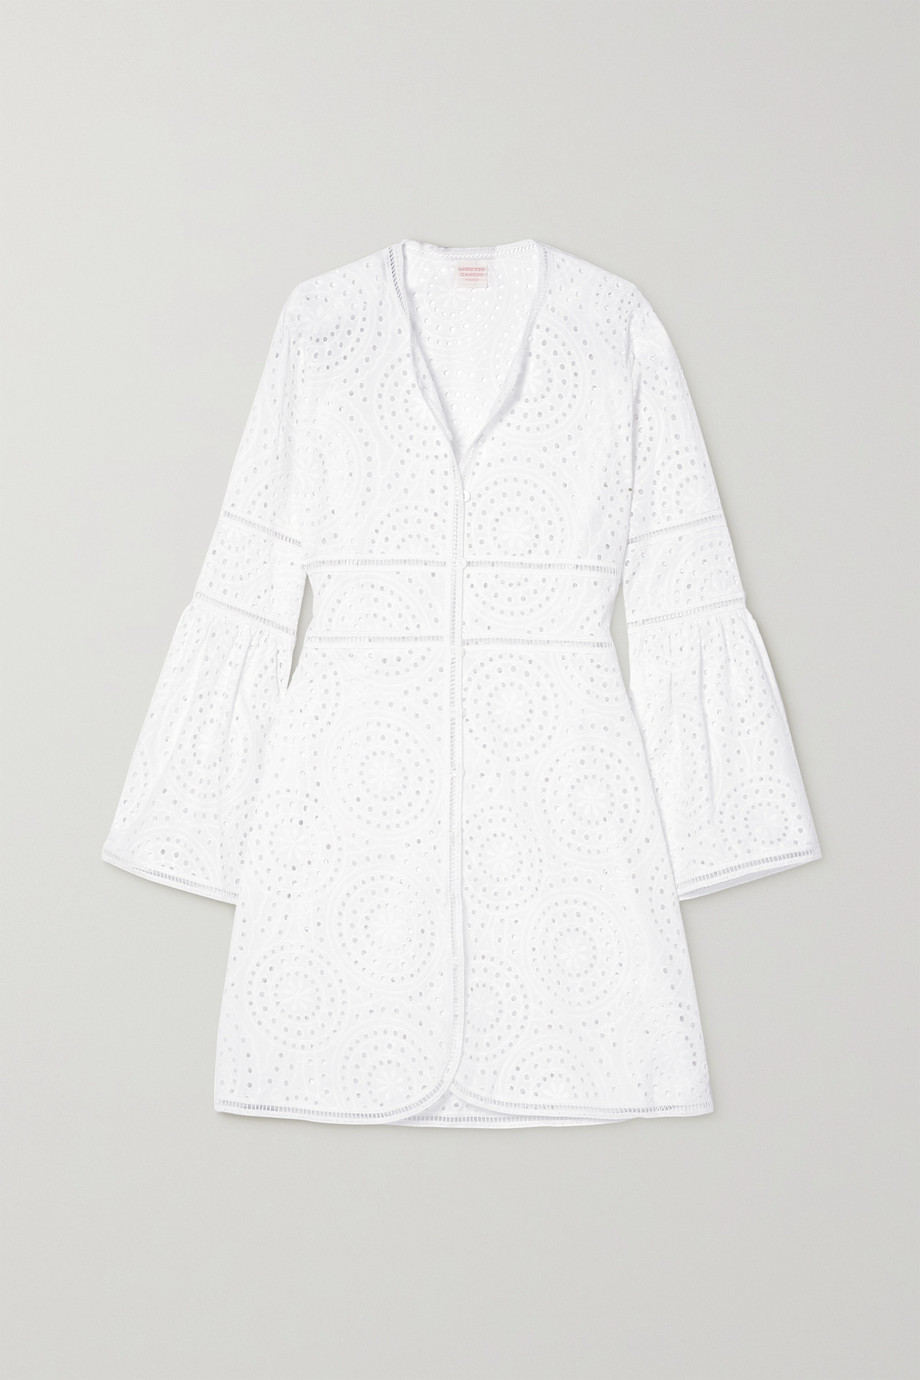 Loretta Caponi Giulia broderie anglaise cotton mini dress